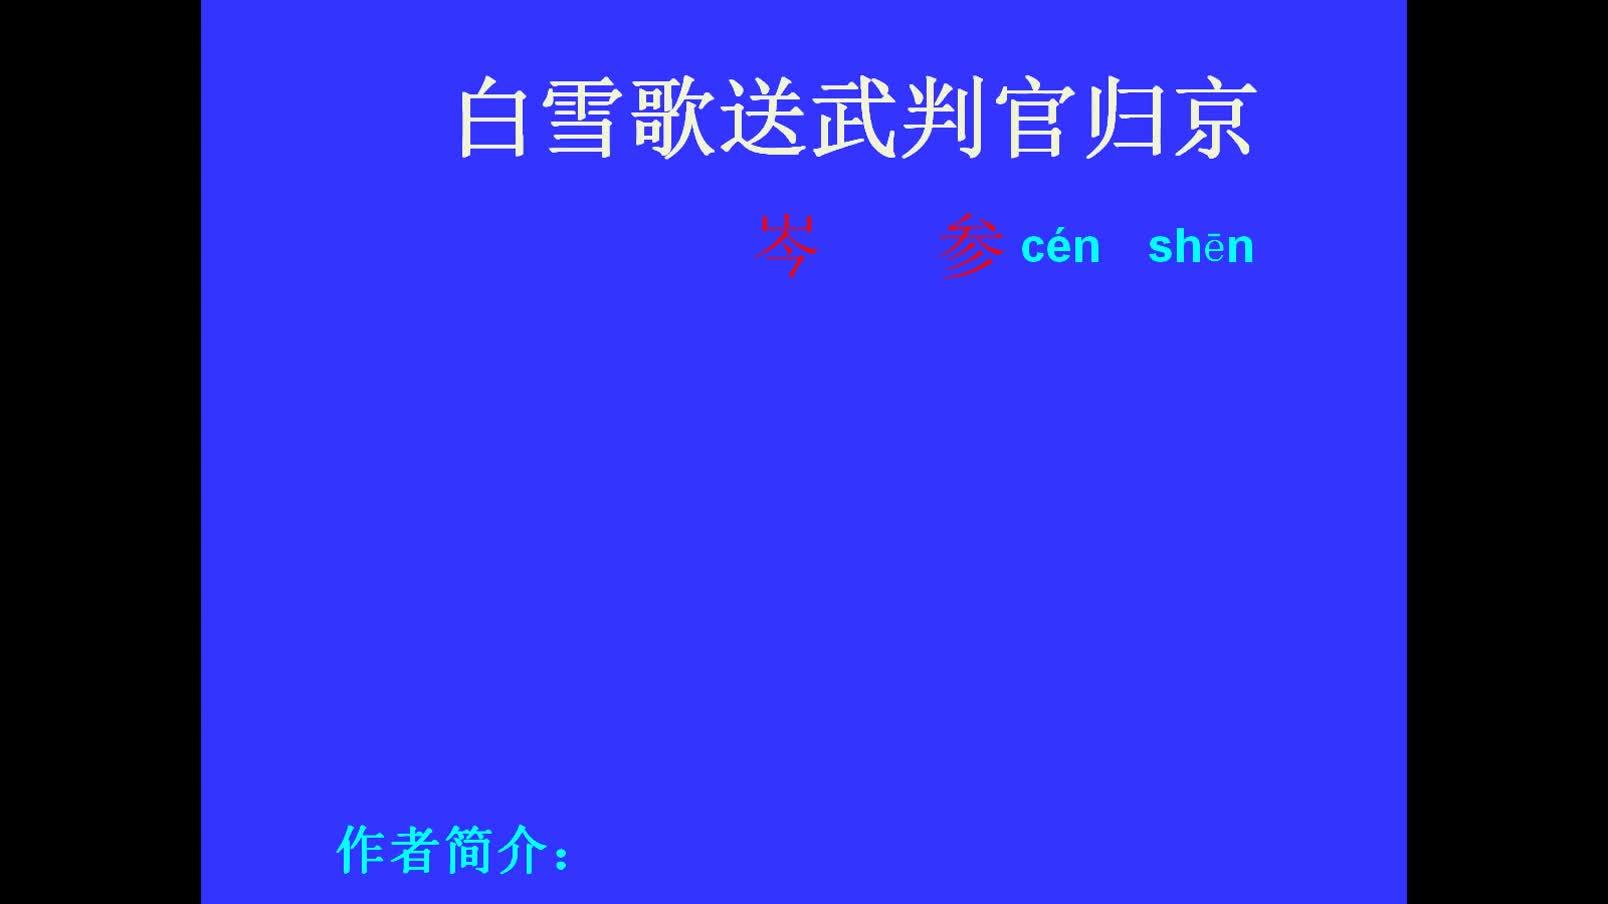 人教部编版 九年级语文下册 第六单元 第23课 白雪歌送武判官归京-视频微课堂